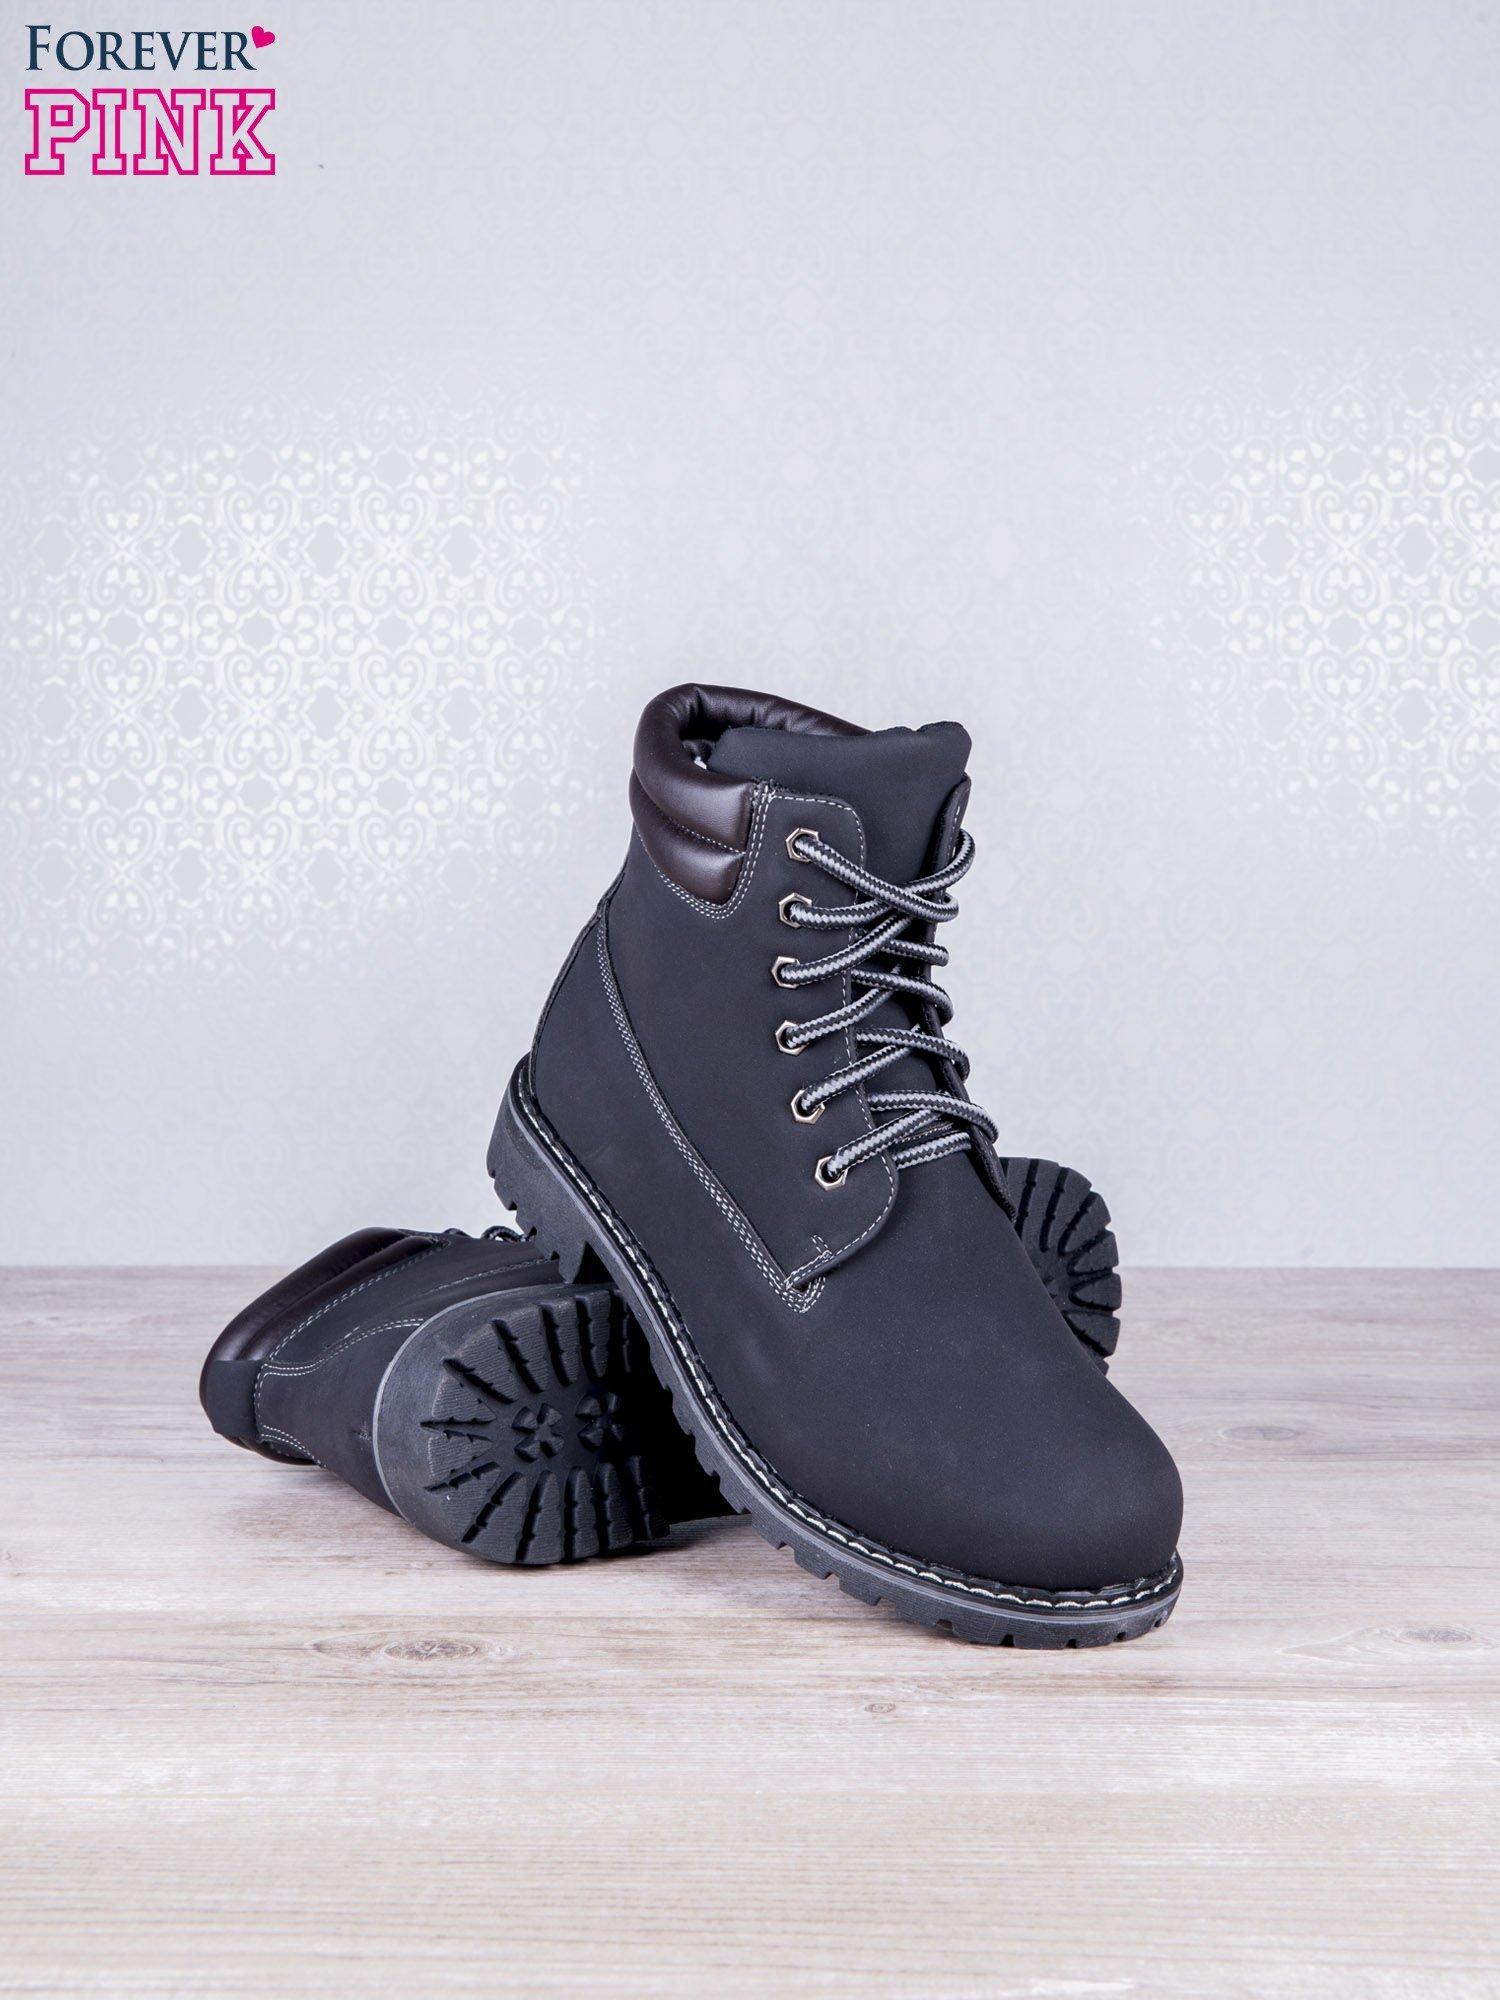 Czarne jednolite buty trekkingowe Toy damskie traperki ocieplane                                  zdj.                                  3